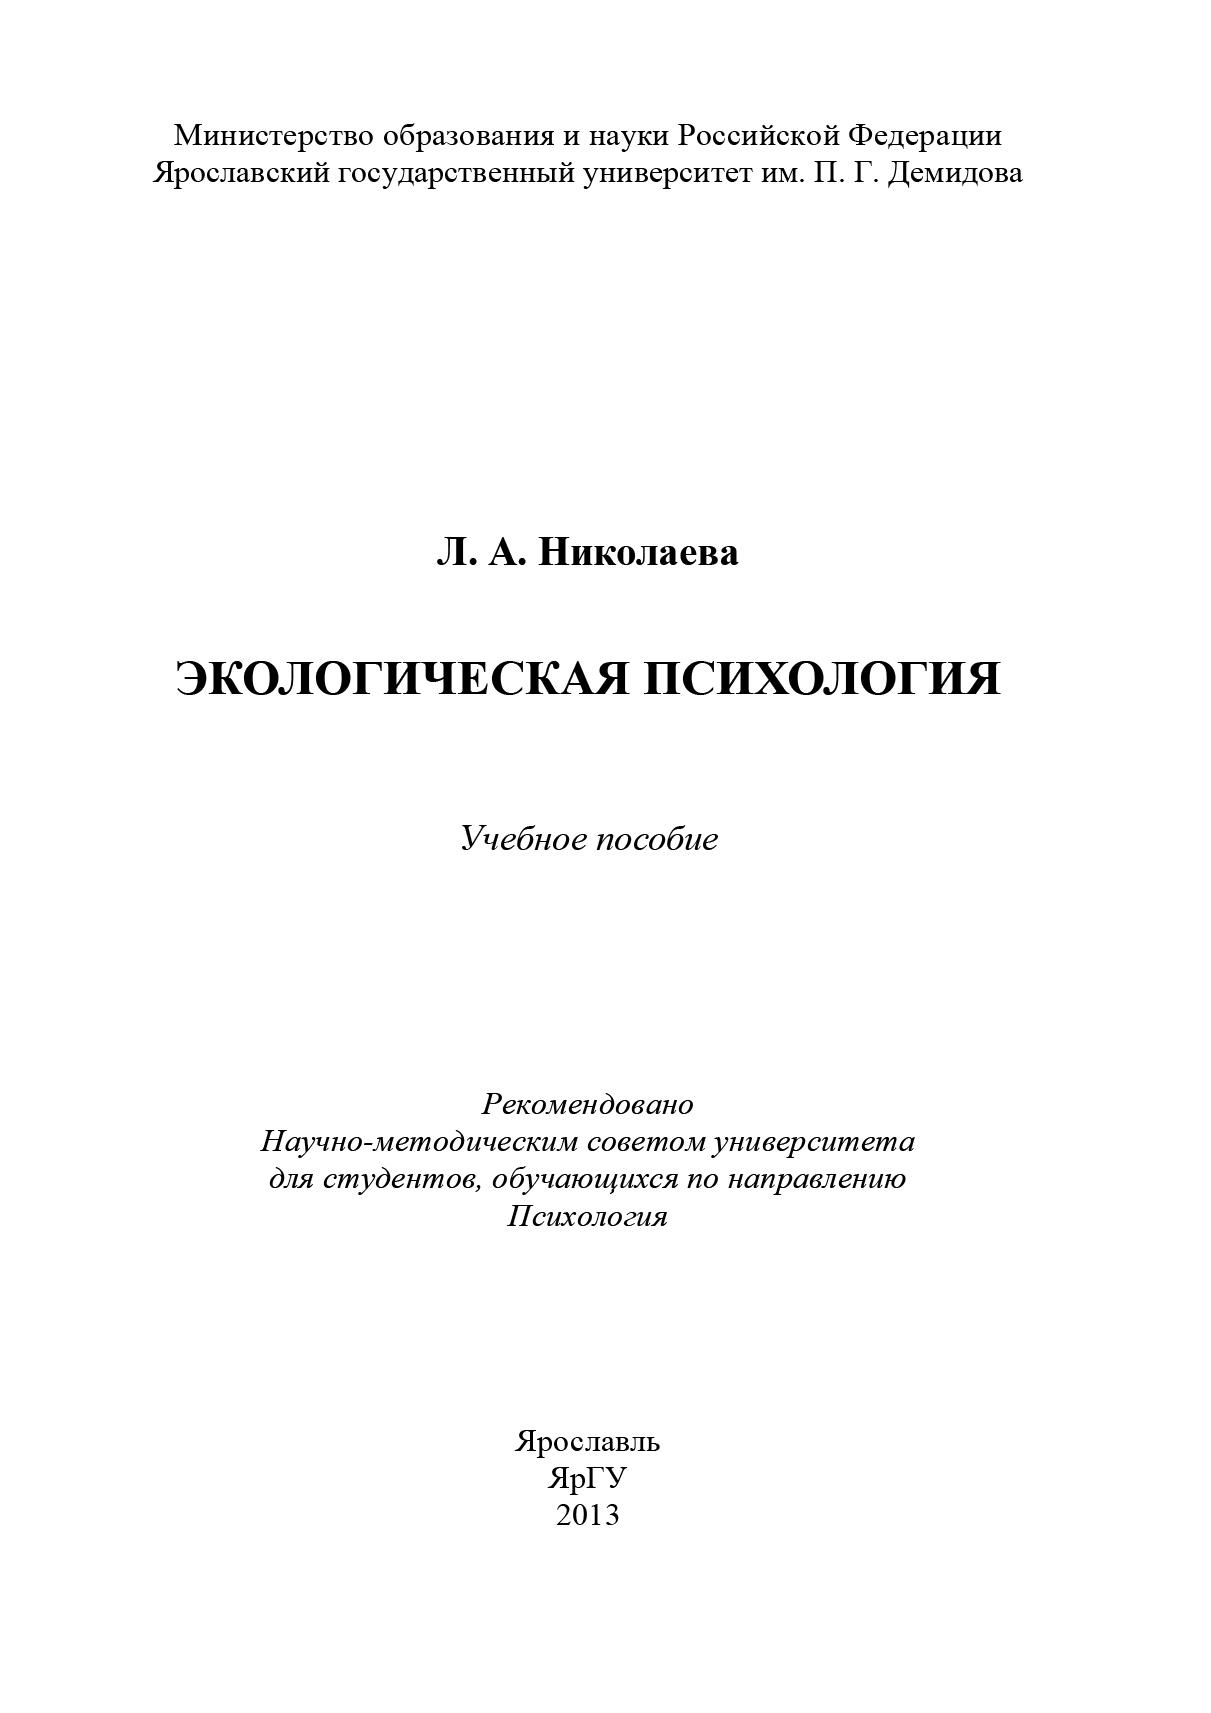 Л. А. Николаева Экологическая психология юридическая психология список литературы 2016